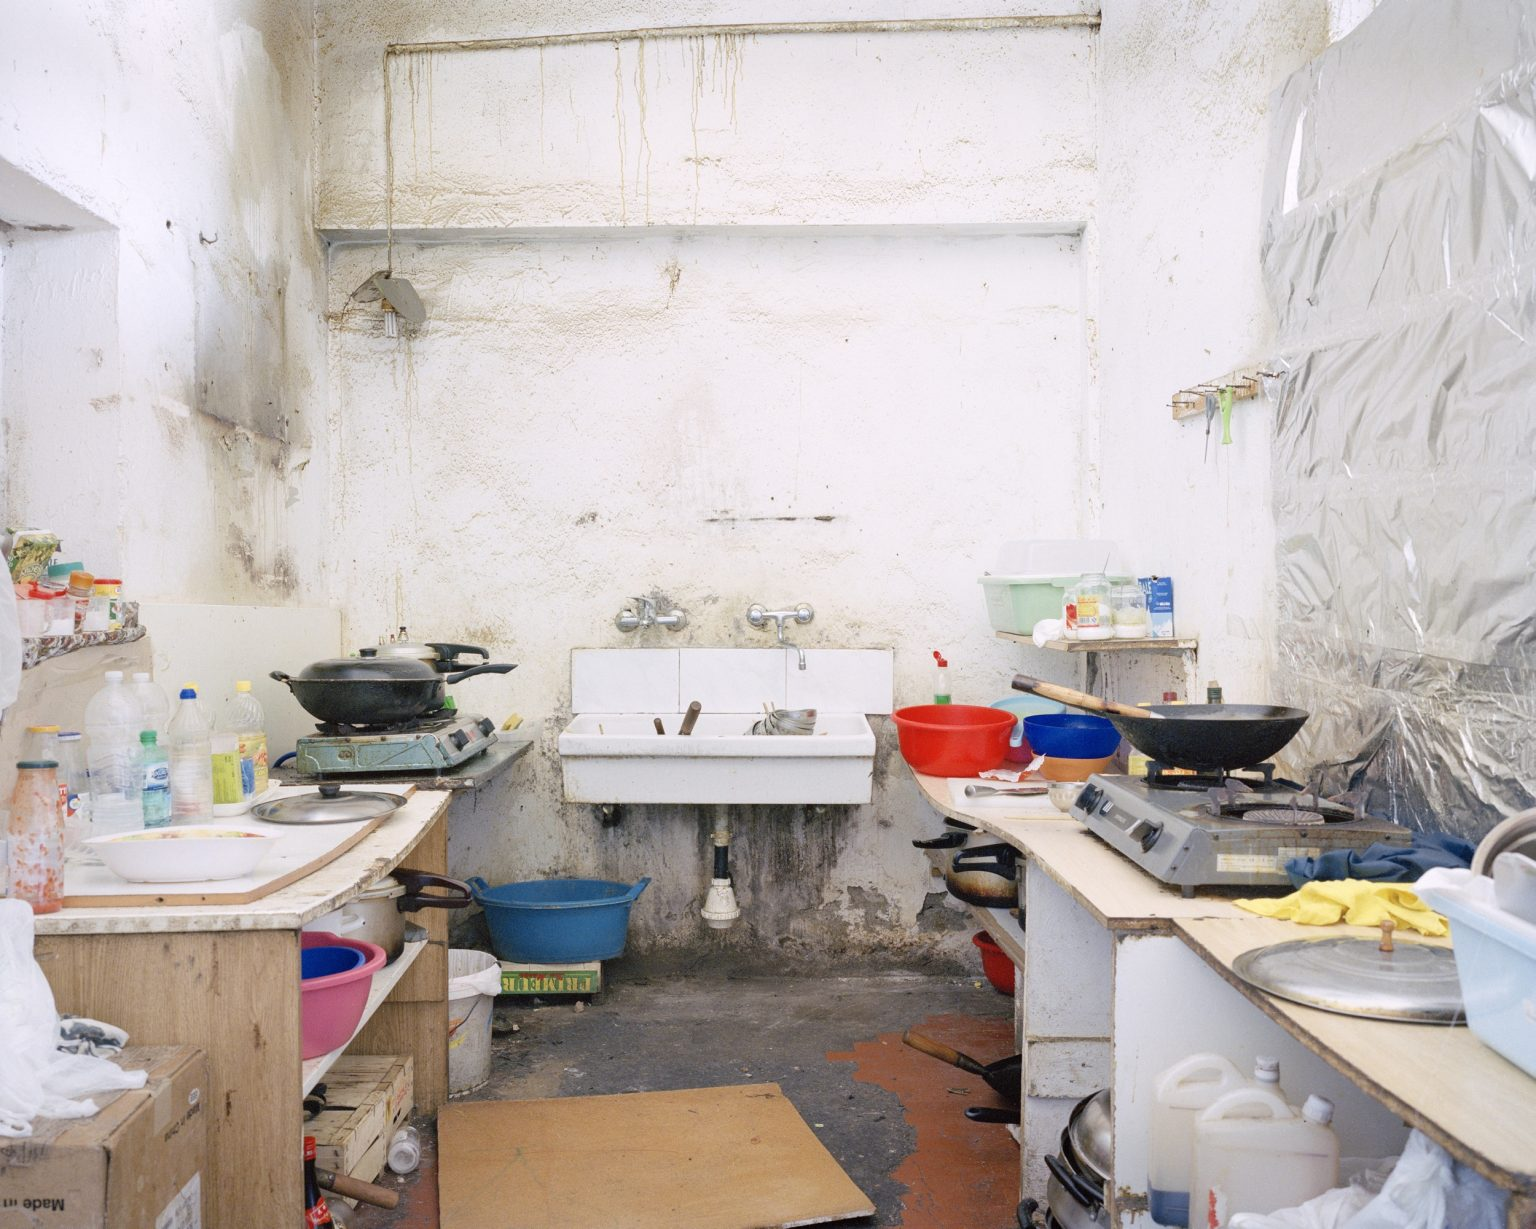 Textyle district, Prato.  Kitchen in a Chinese textile workshop seized by the Municipal Police.  >< Distretto tessile del Macrolotto, Prato. Cucina in un laboratorio tessile cinese posto sotto sequestro dalla Polizia Municipale di Prato.